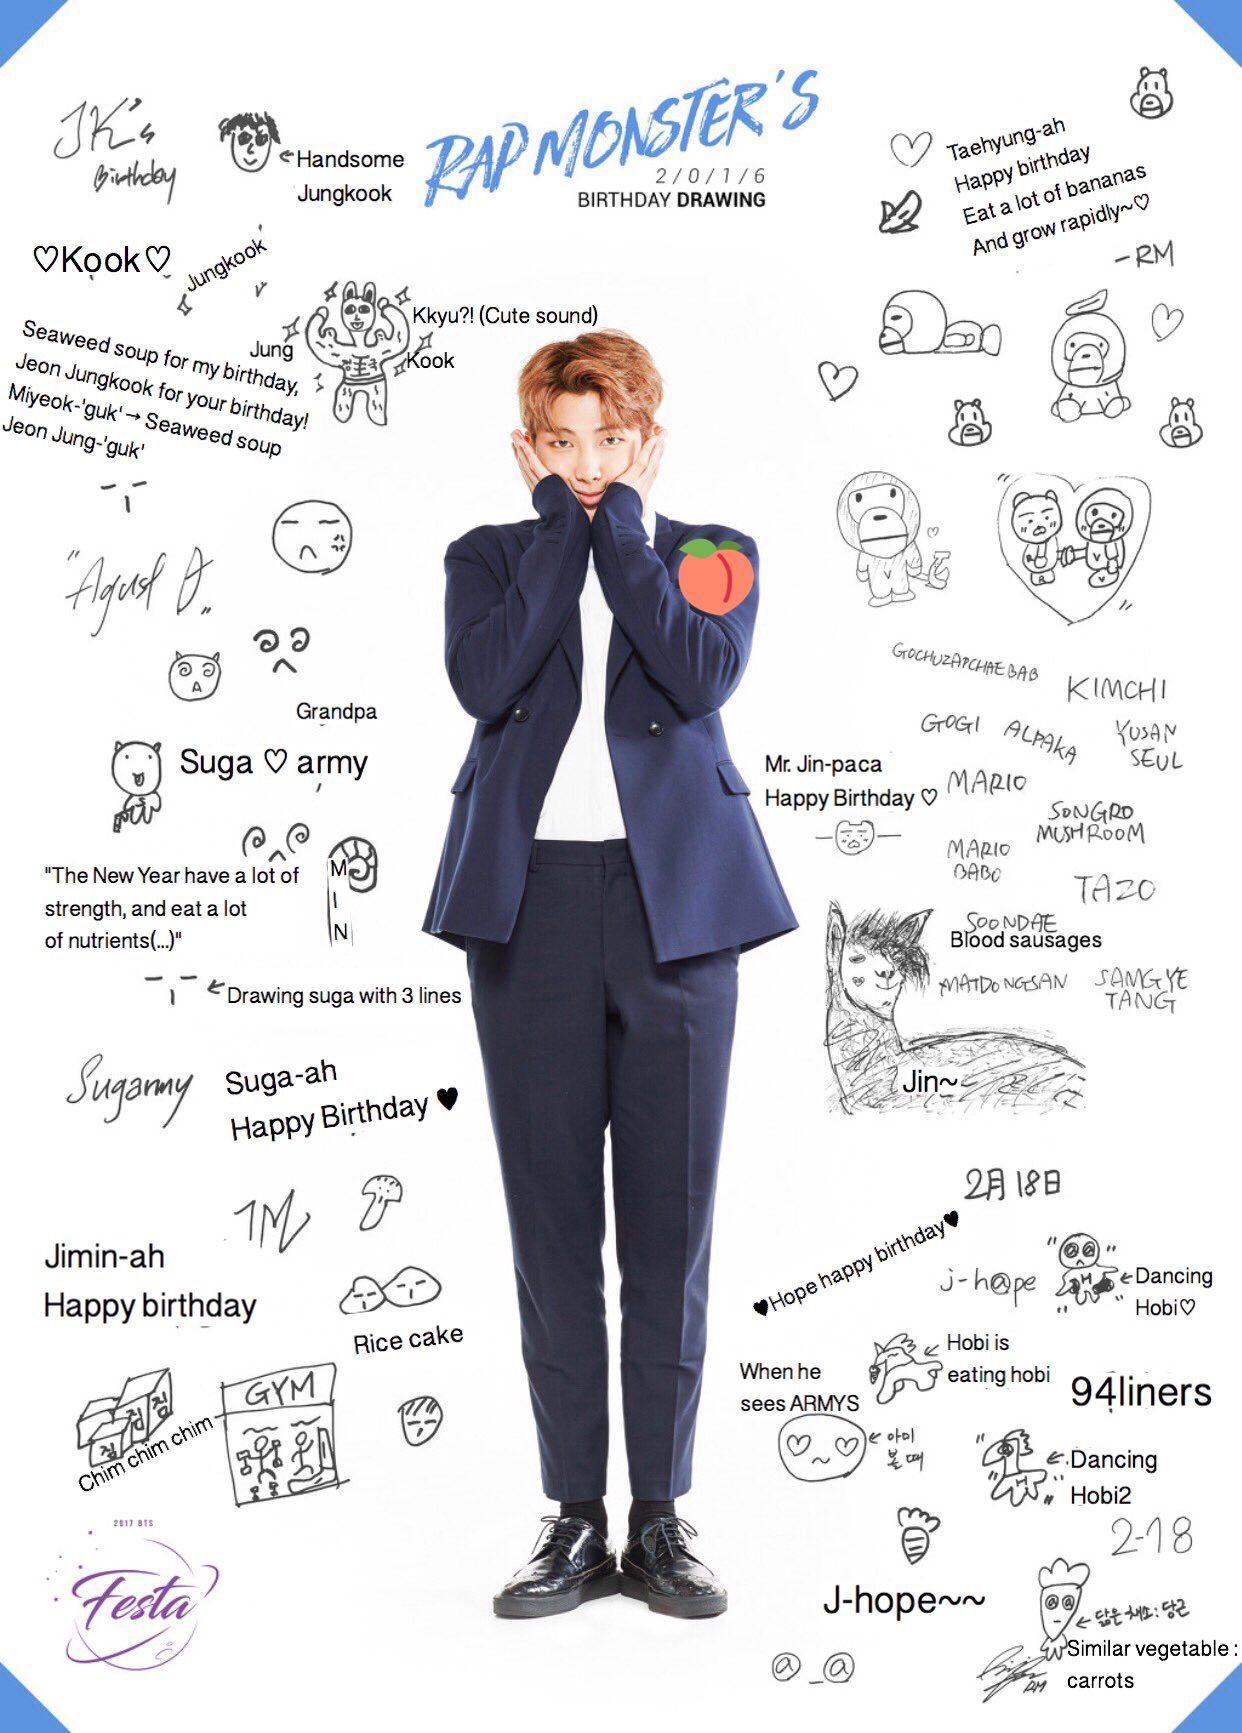 rm birthday Rapmon's birthday wishes | #PresidentKim | Pinterest | BTS, Bts  rm birthday